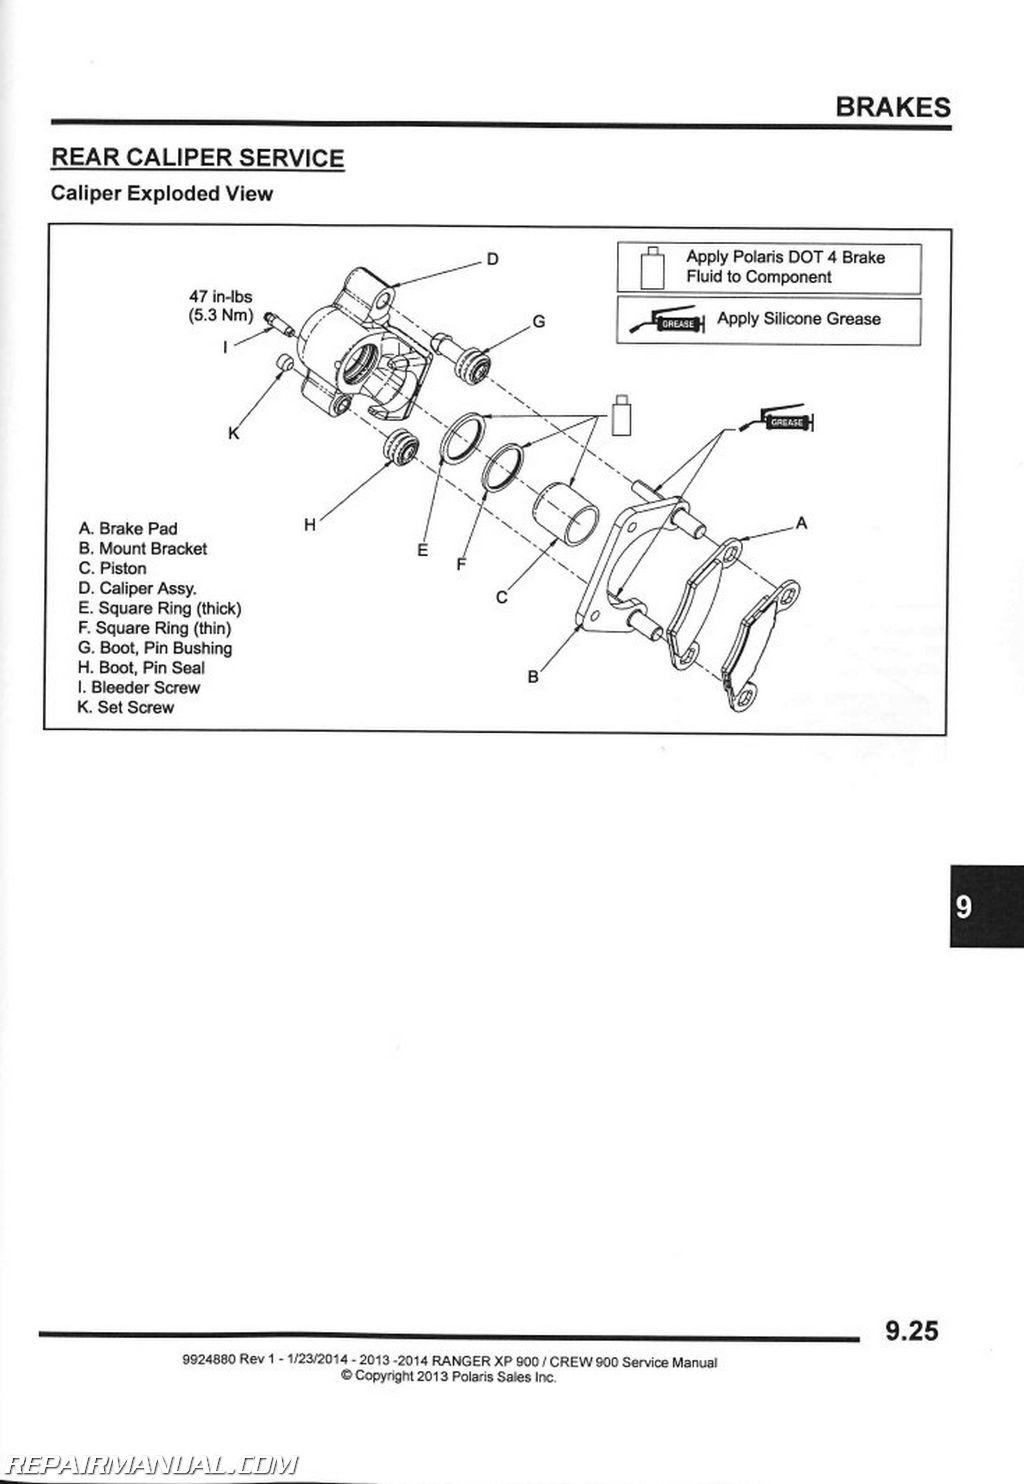 download polaris ranger xp 700 2007 07 service repair workshop manual